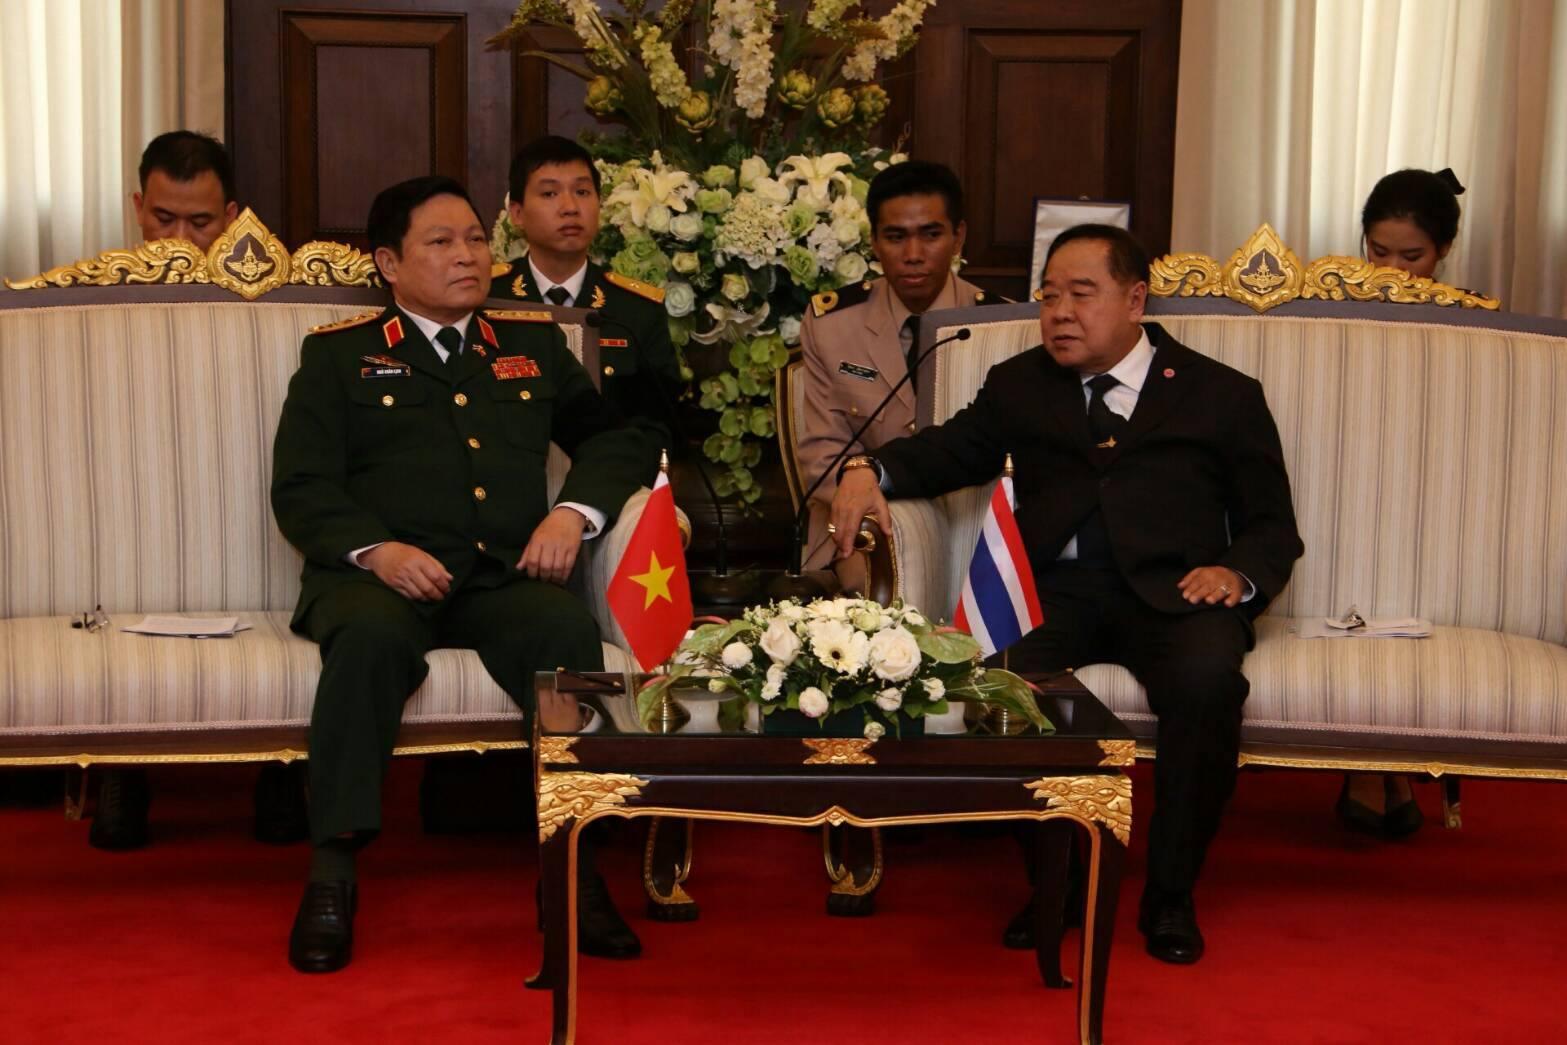 รัฐมนตรีว่าการกระทรวงกลาโหม สาธารณรัฐสังคมนิยมเวียดนาม และคณะ เข้าเยี่ยมคำนับ รองนายกรัฐมนตรี และรัฐมนตรีว่าการกระทรวงกลาโหม